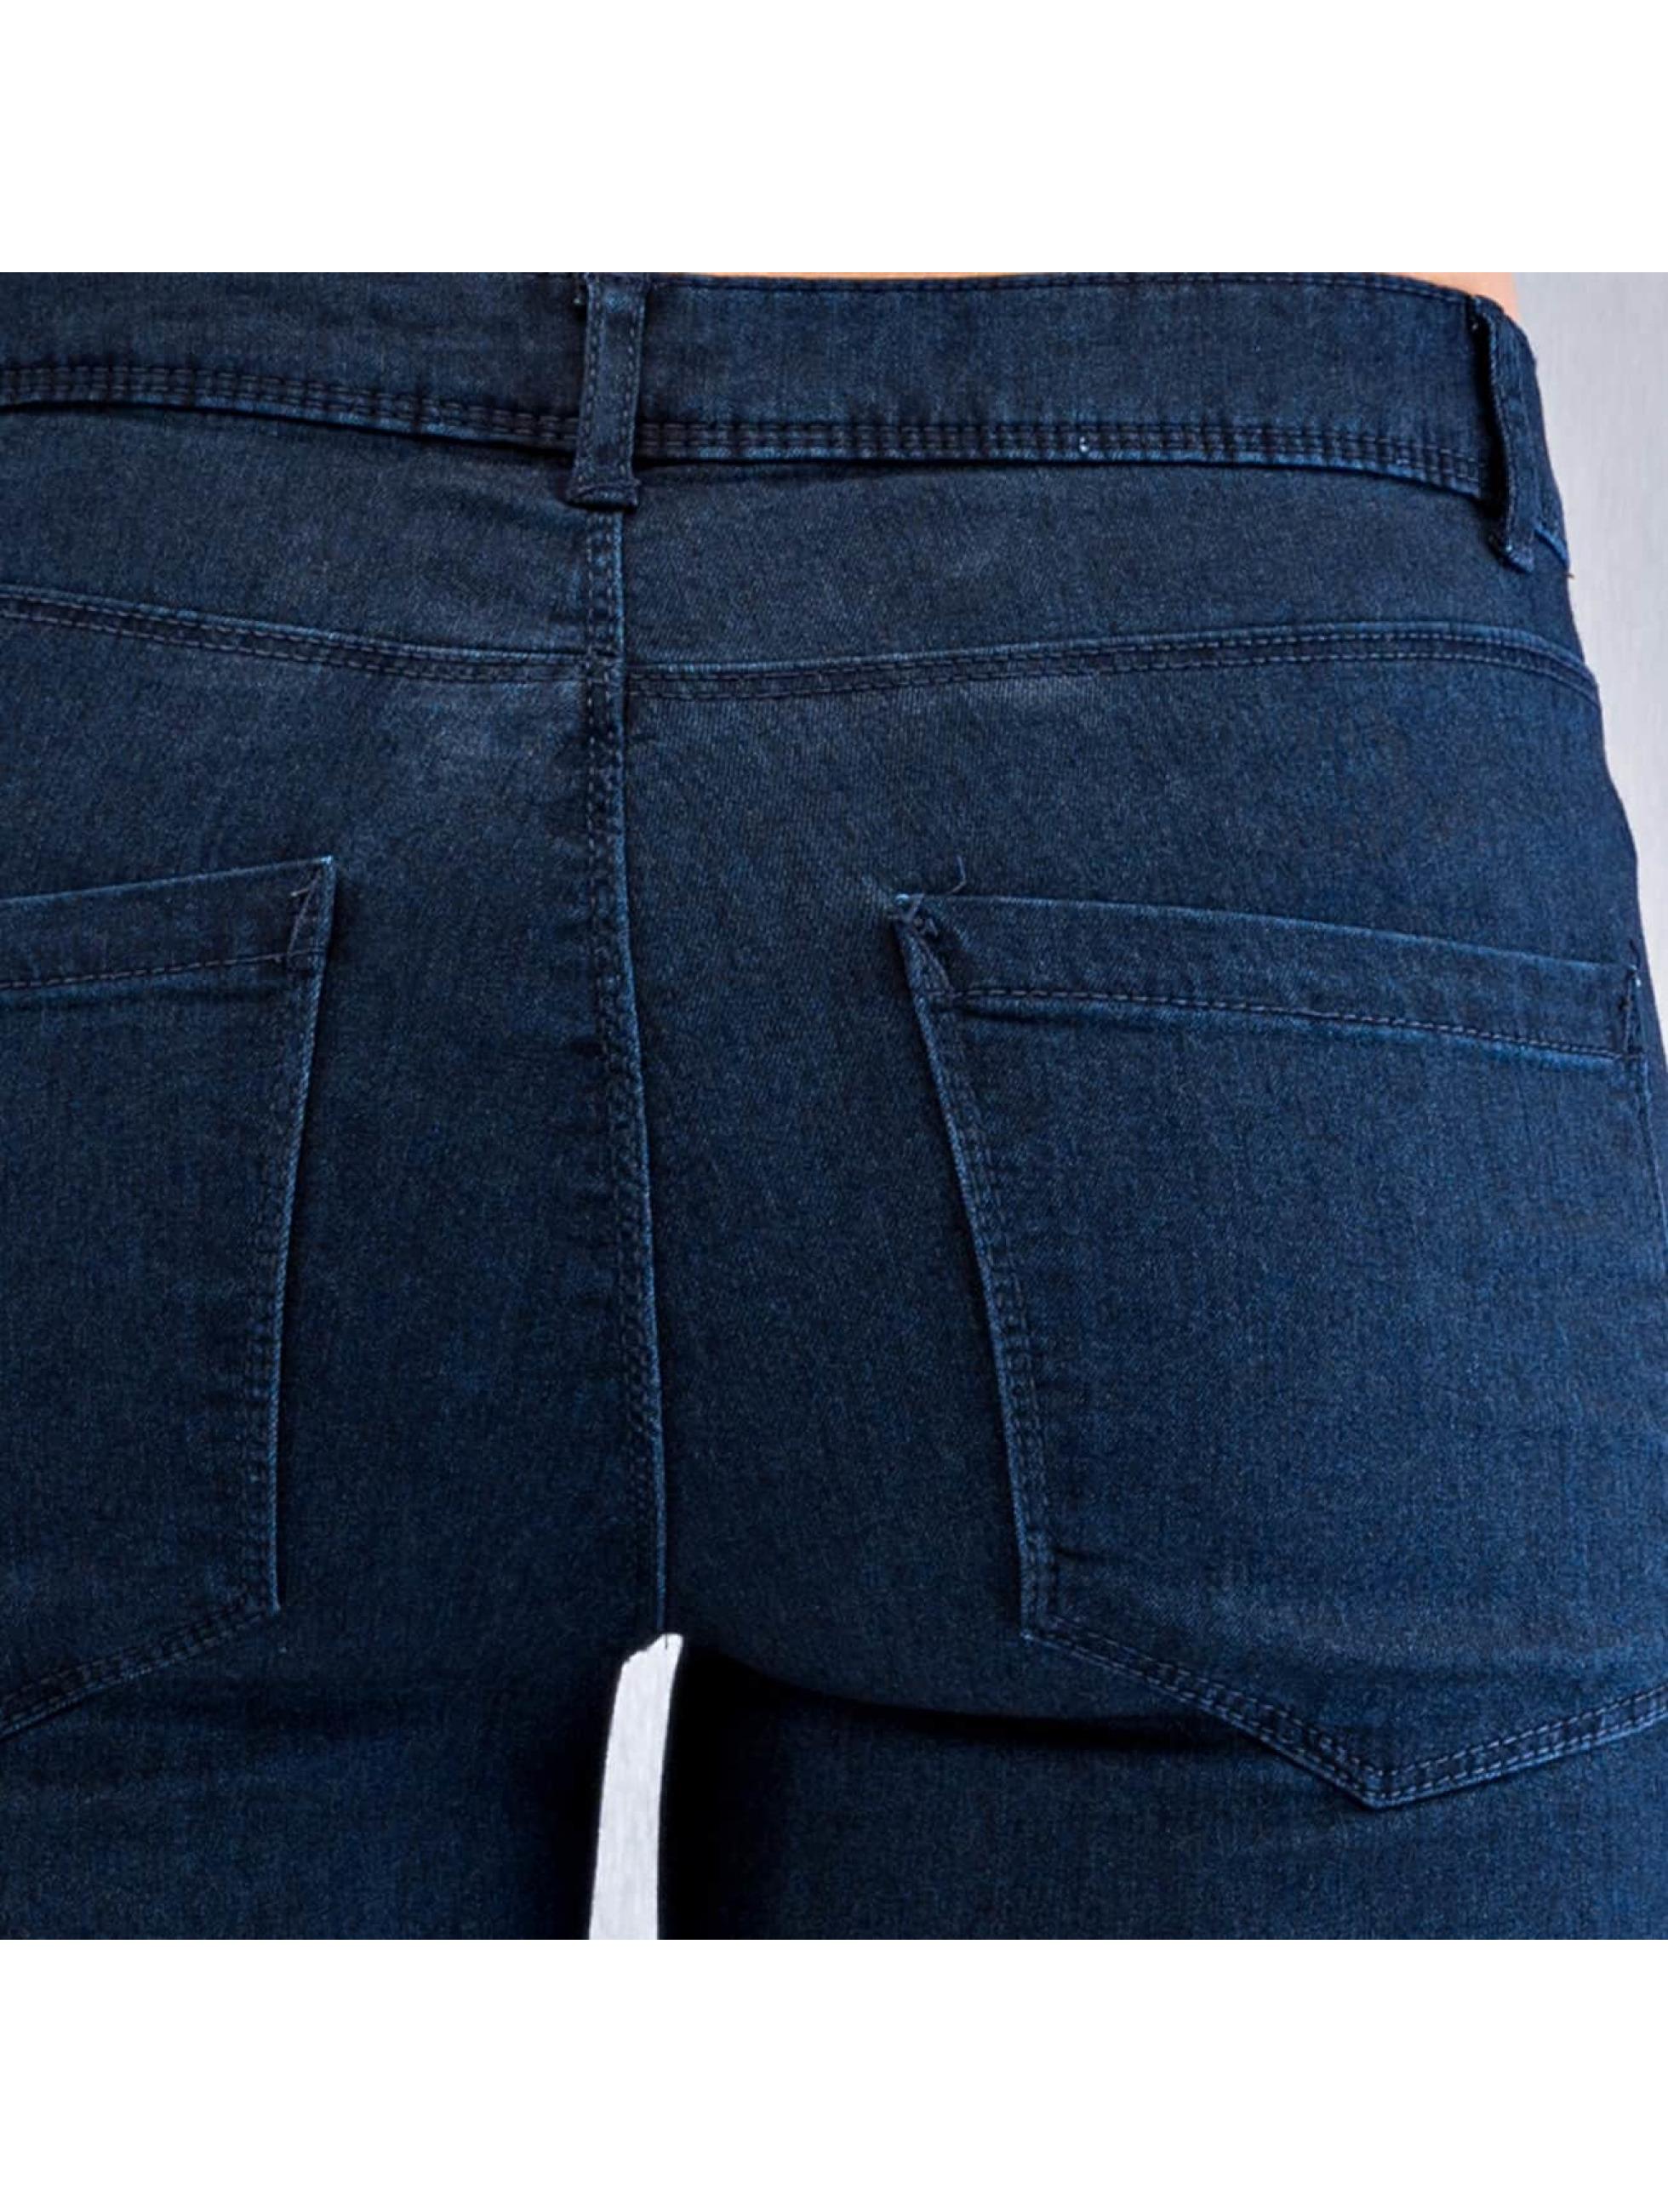 Vero Moda Kapeat farkut VMFlex-It sininen